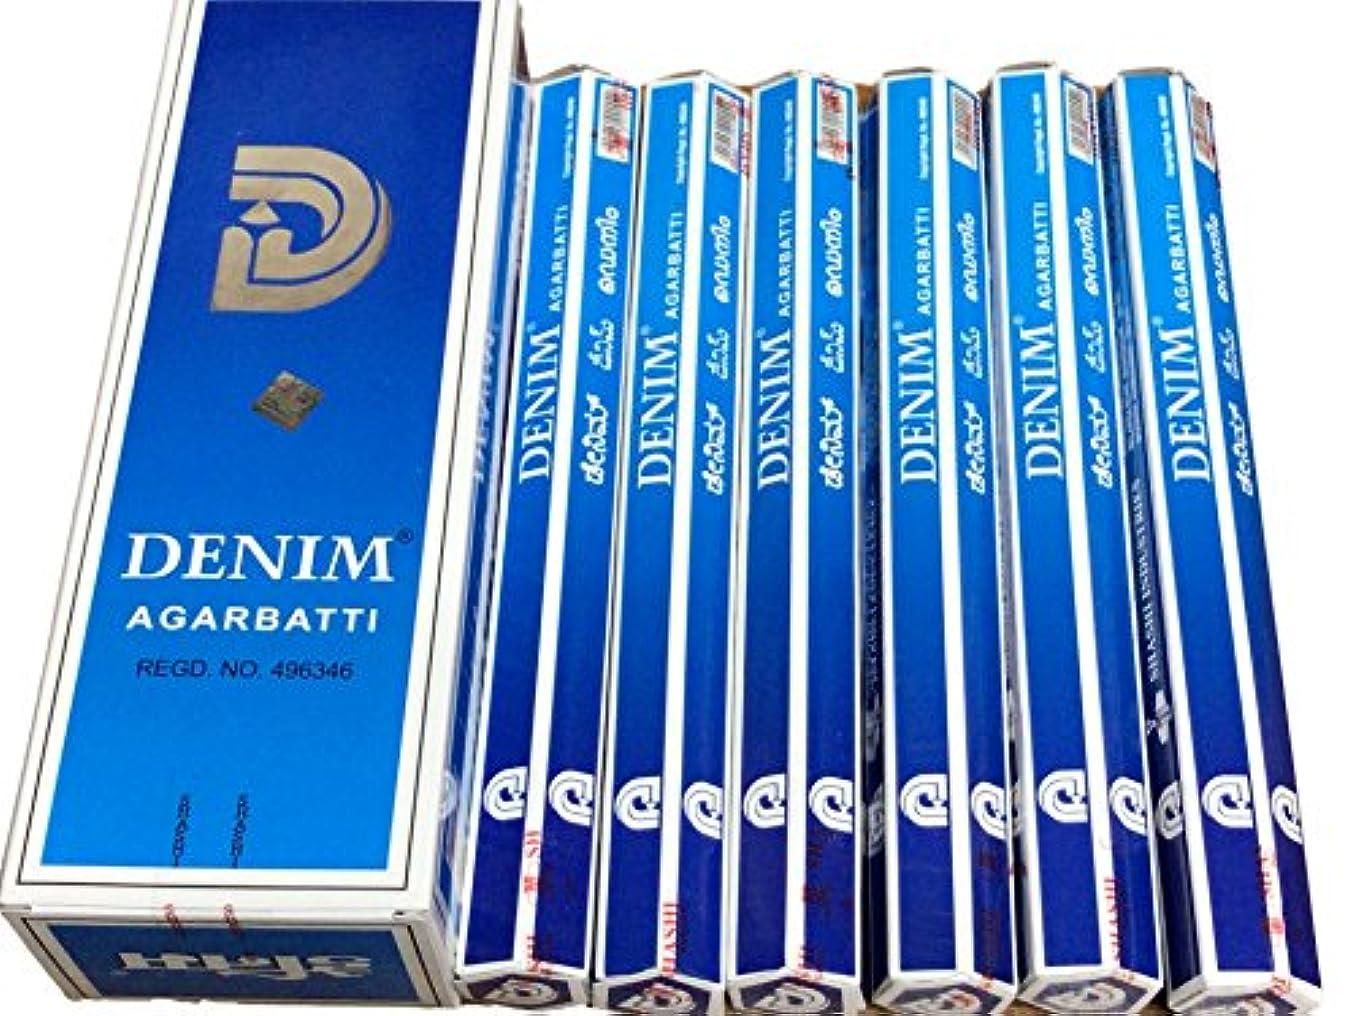 親みぞれガラガラSHASHI シャシ デニム DENIM デニム ステック お香 6本 セット